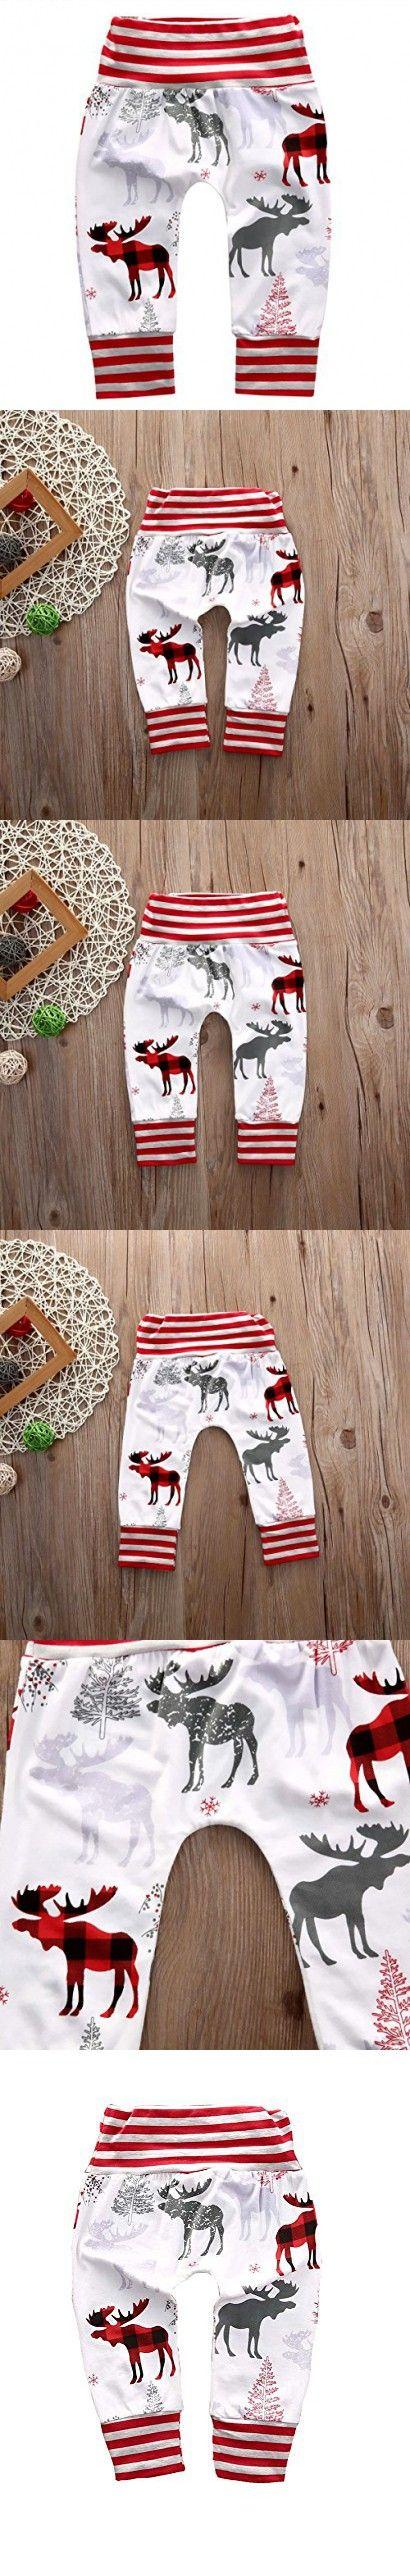 Newborn Infant Baby Boys Girls Striped Deer Bottom Harem Pants Leggings Trousers